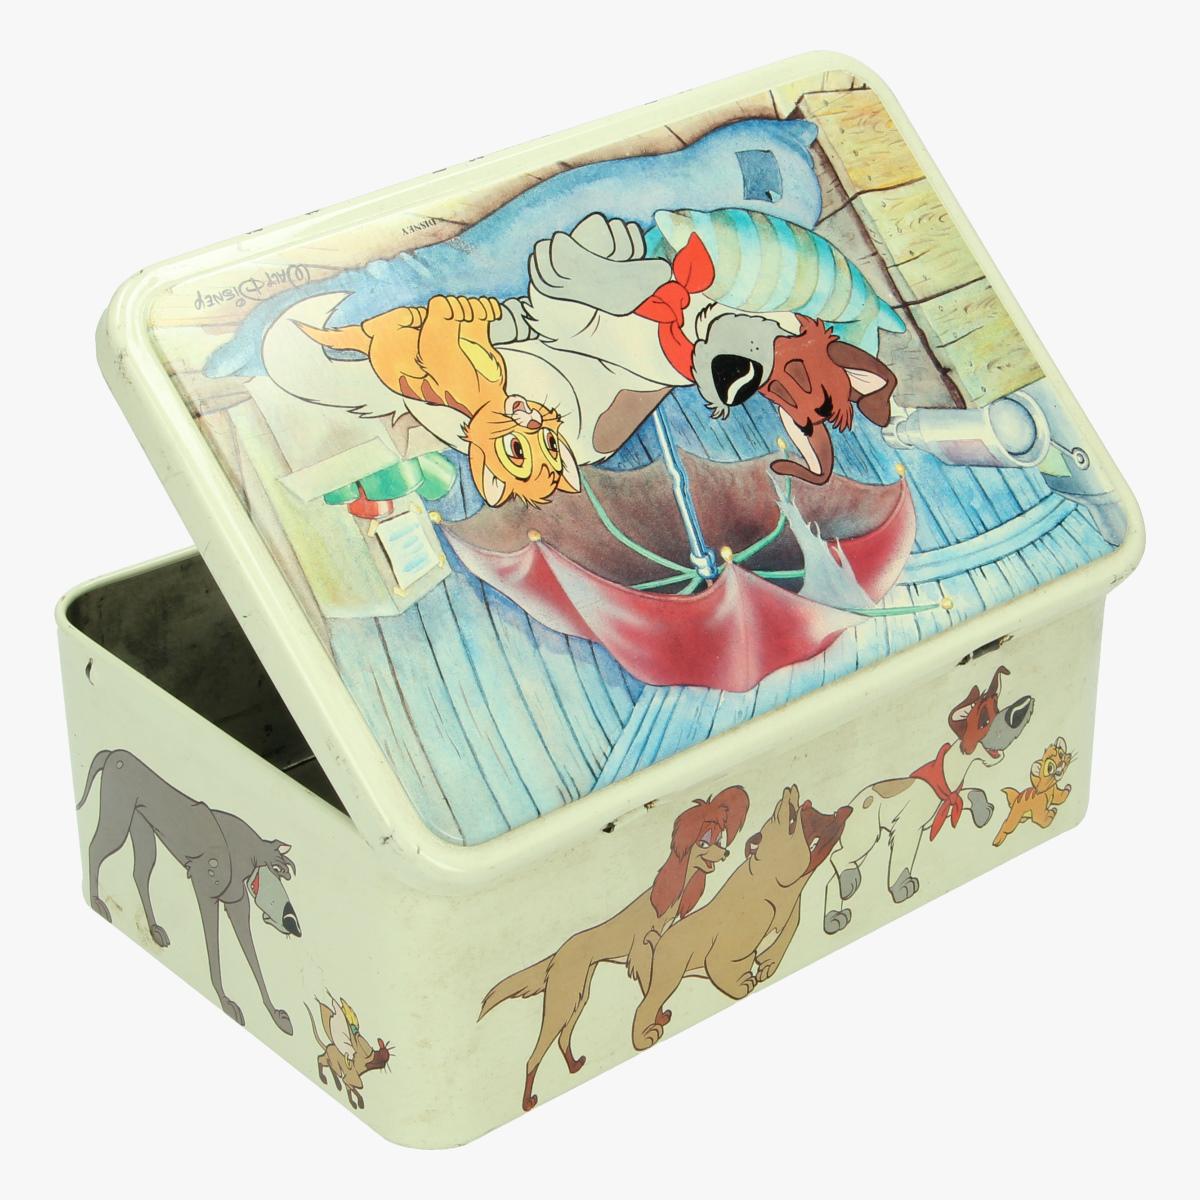 Afbeeldingen van Oliver & Company. Blikken doos Disney.